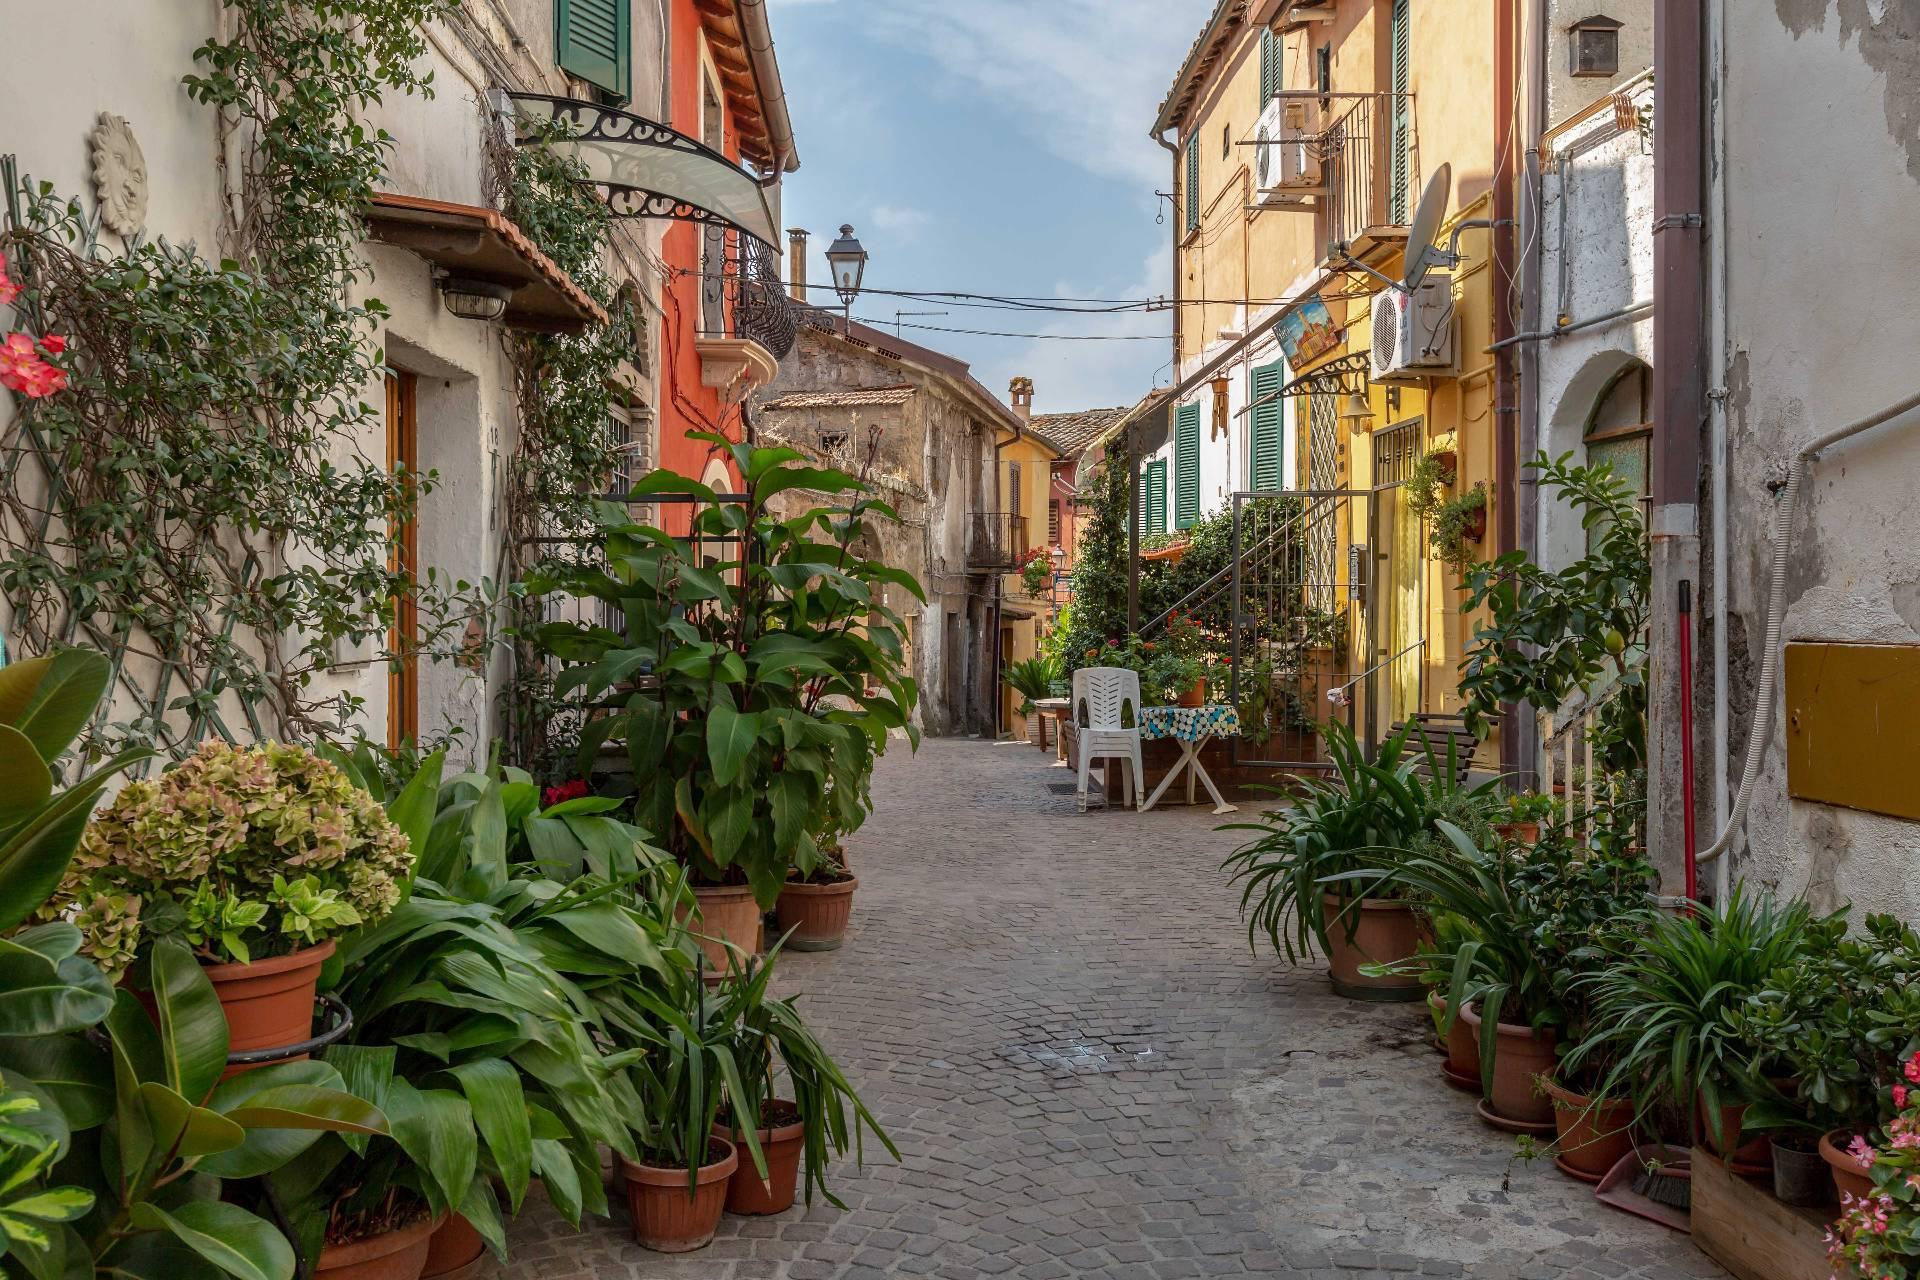 Appartamento in vendita a Faleria, 1 locali, prezzo € 24.900 | CambioCasa.it